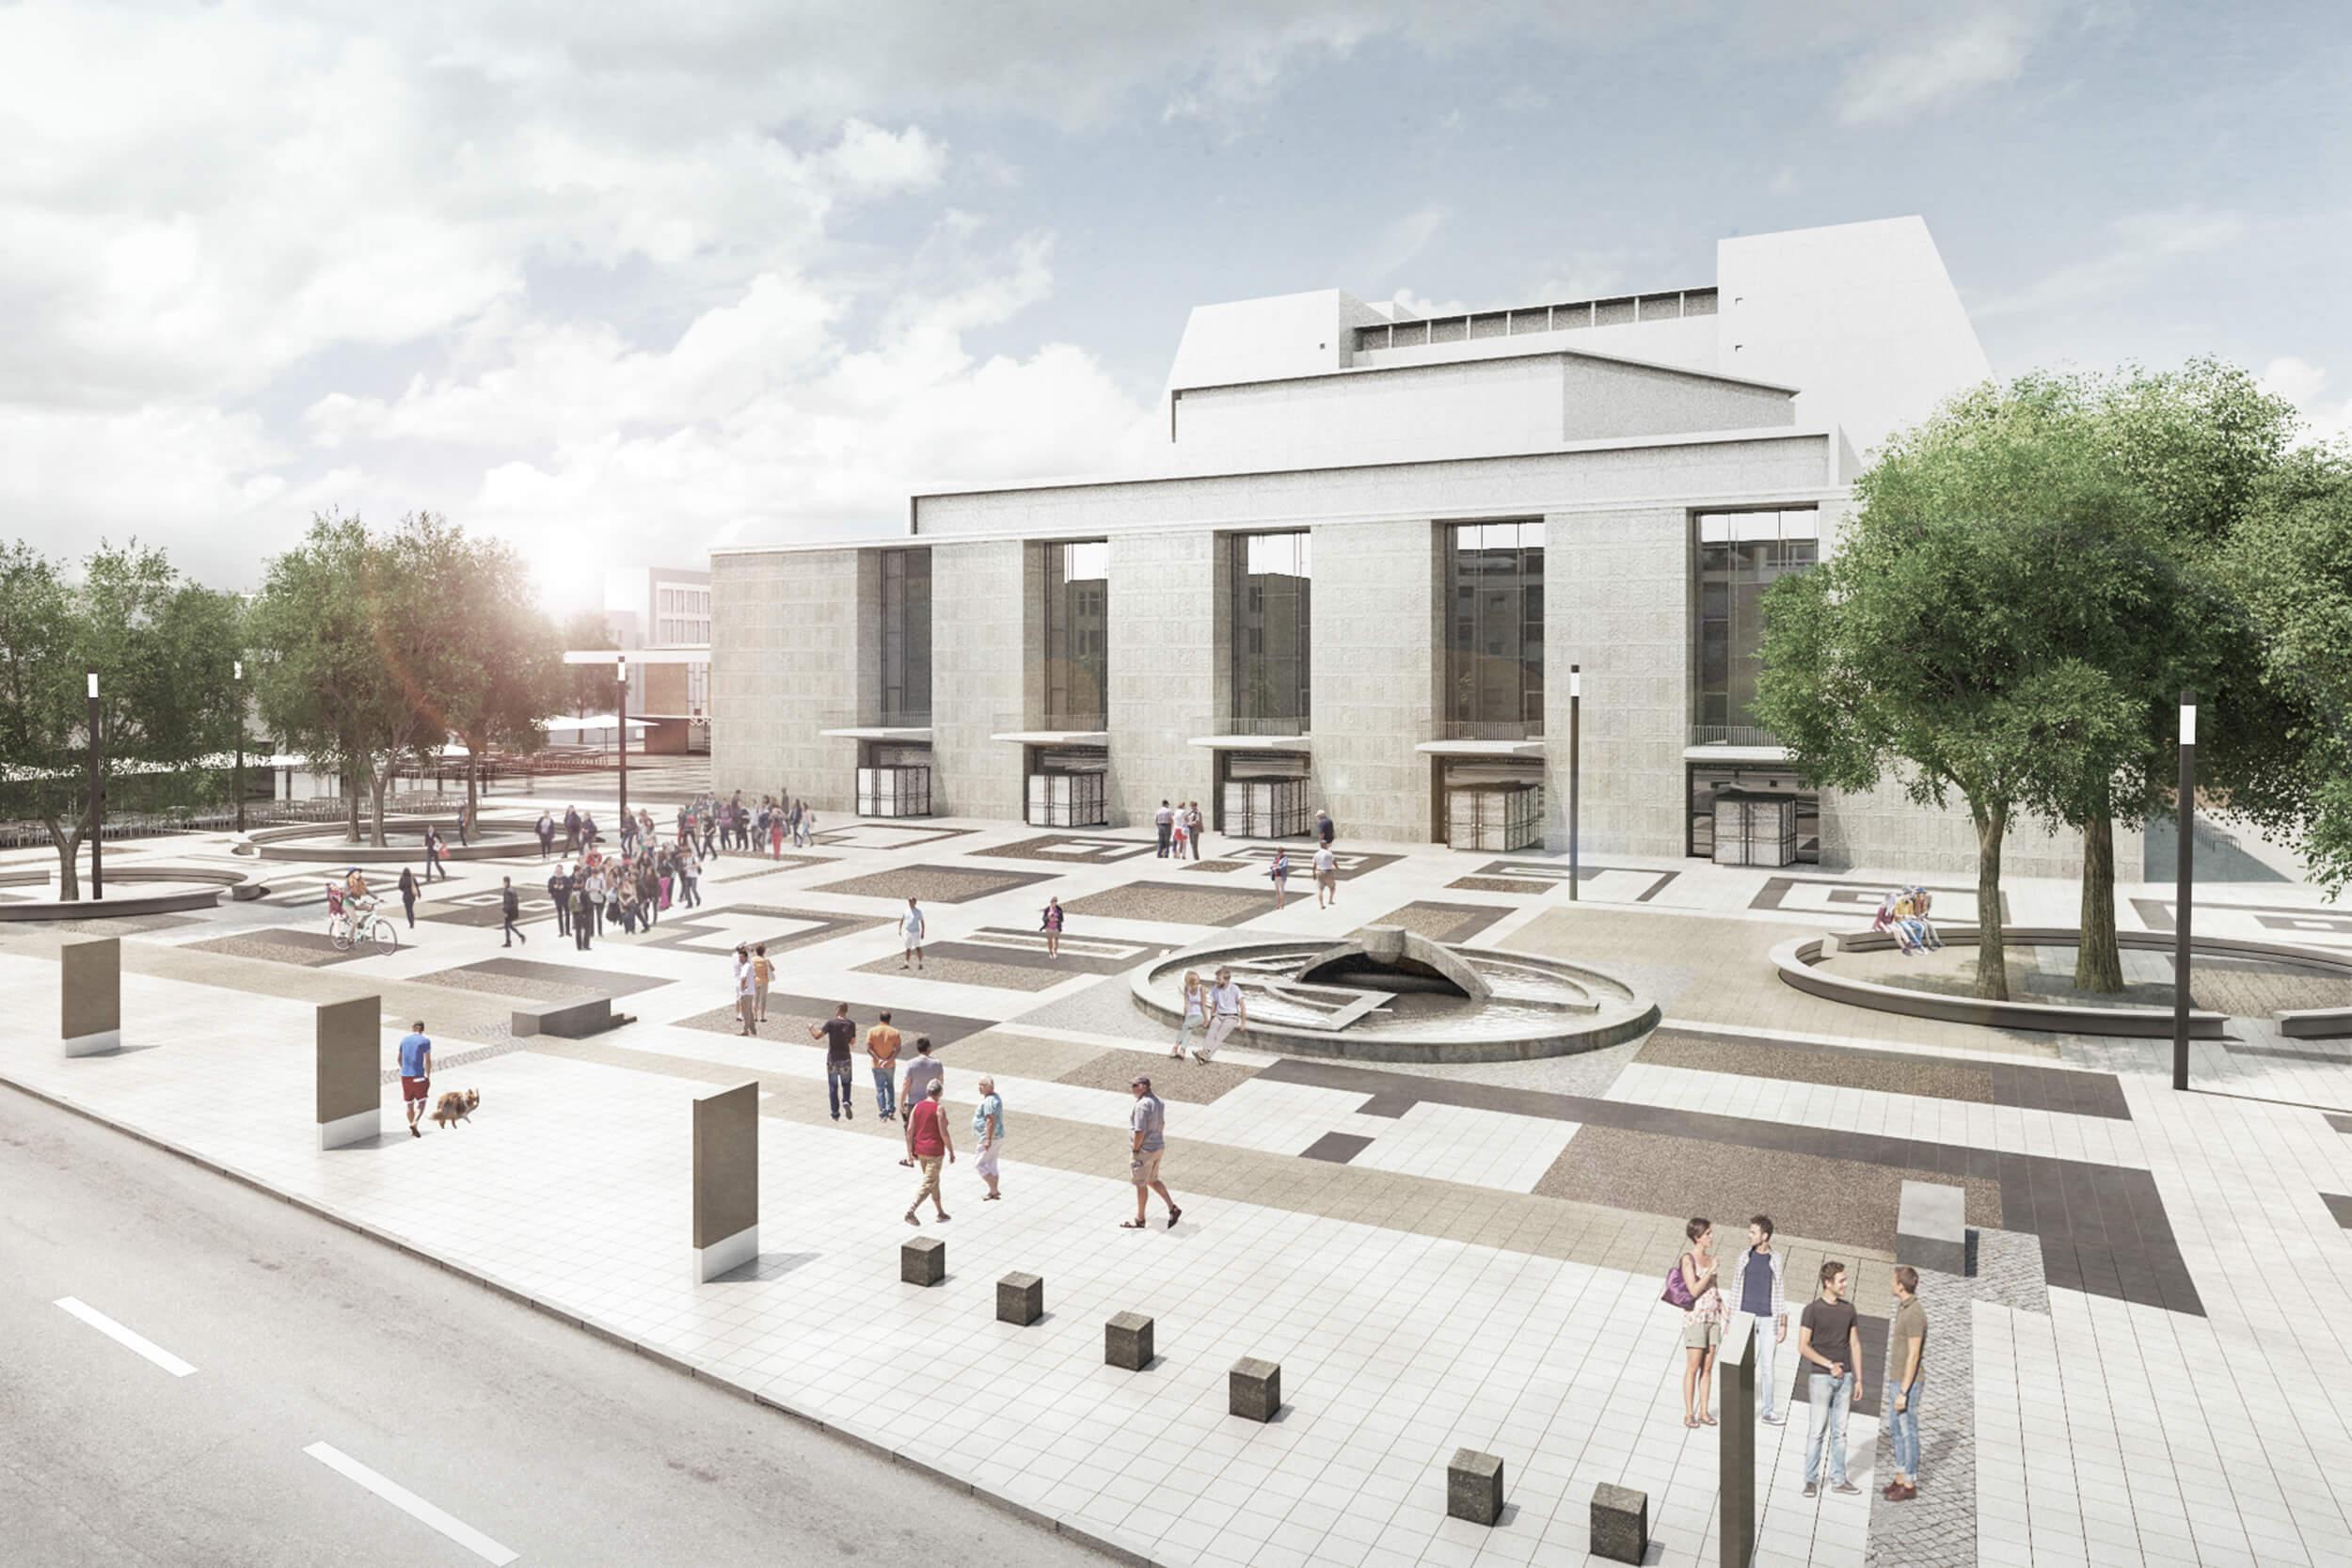 Moeblierung Offenbachplatz - Ansicht Grosser Offenbachplatz